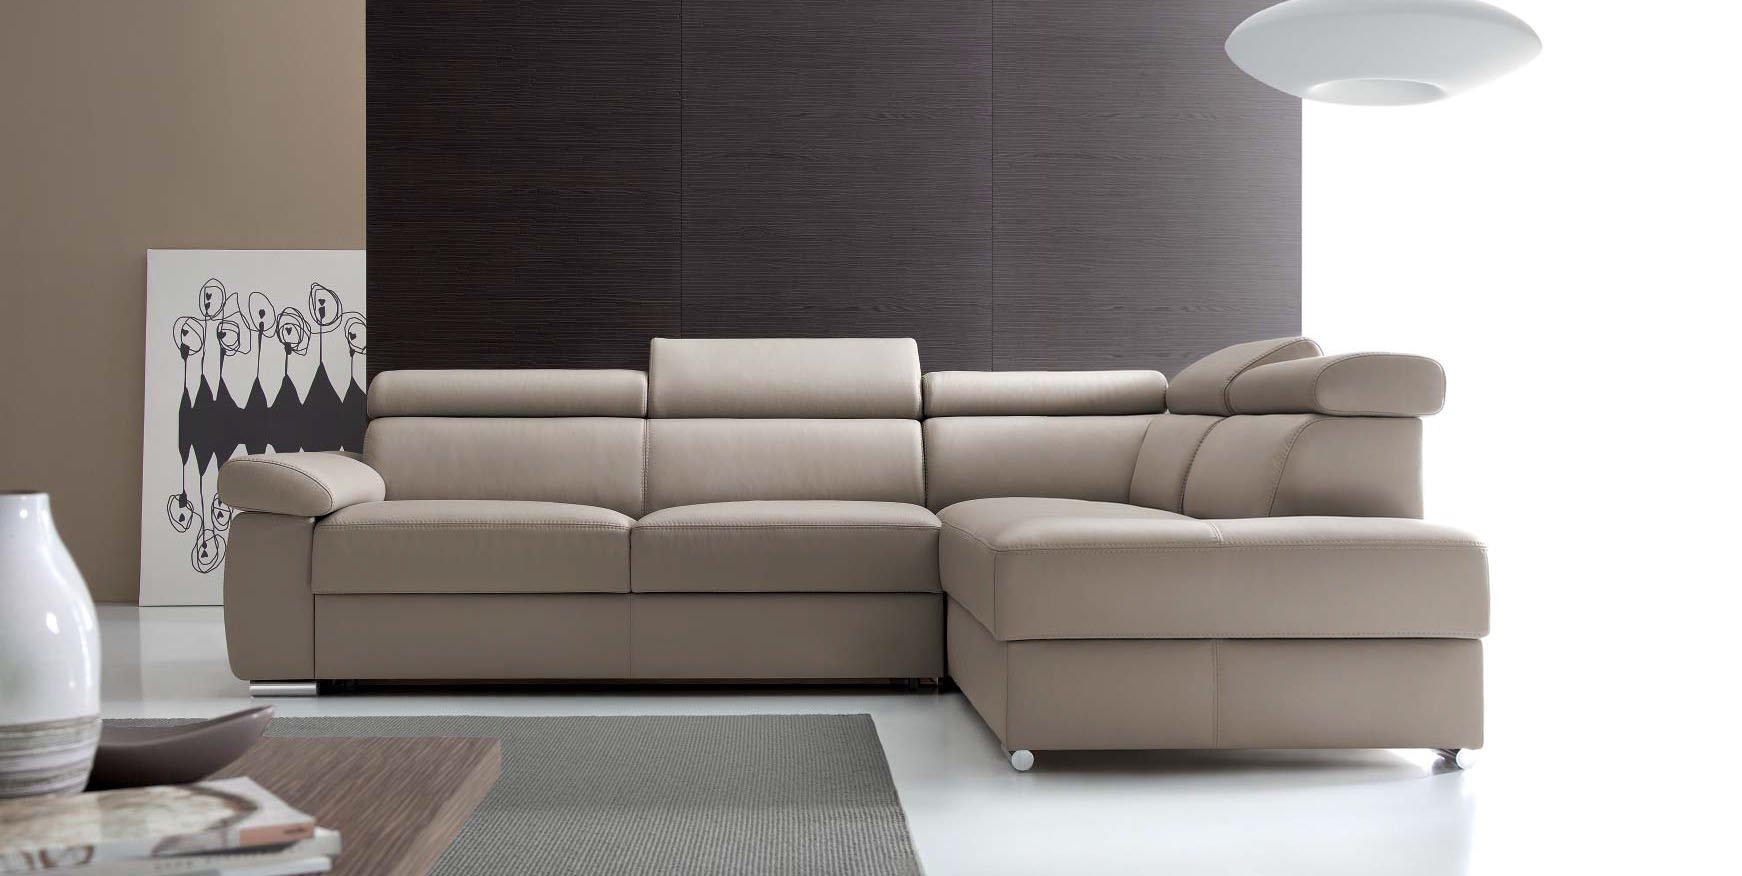 ZOOM диван с оттоманкой 89351